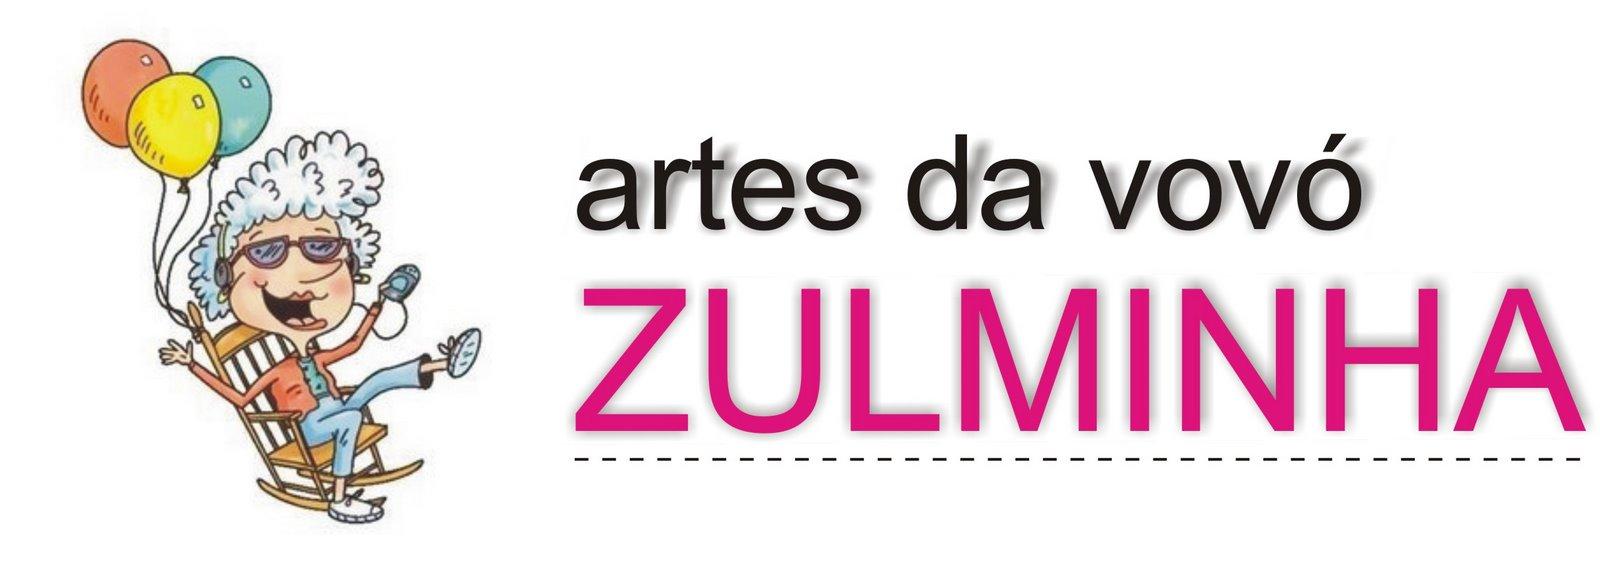 Artes da Vovó Zulminha